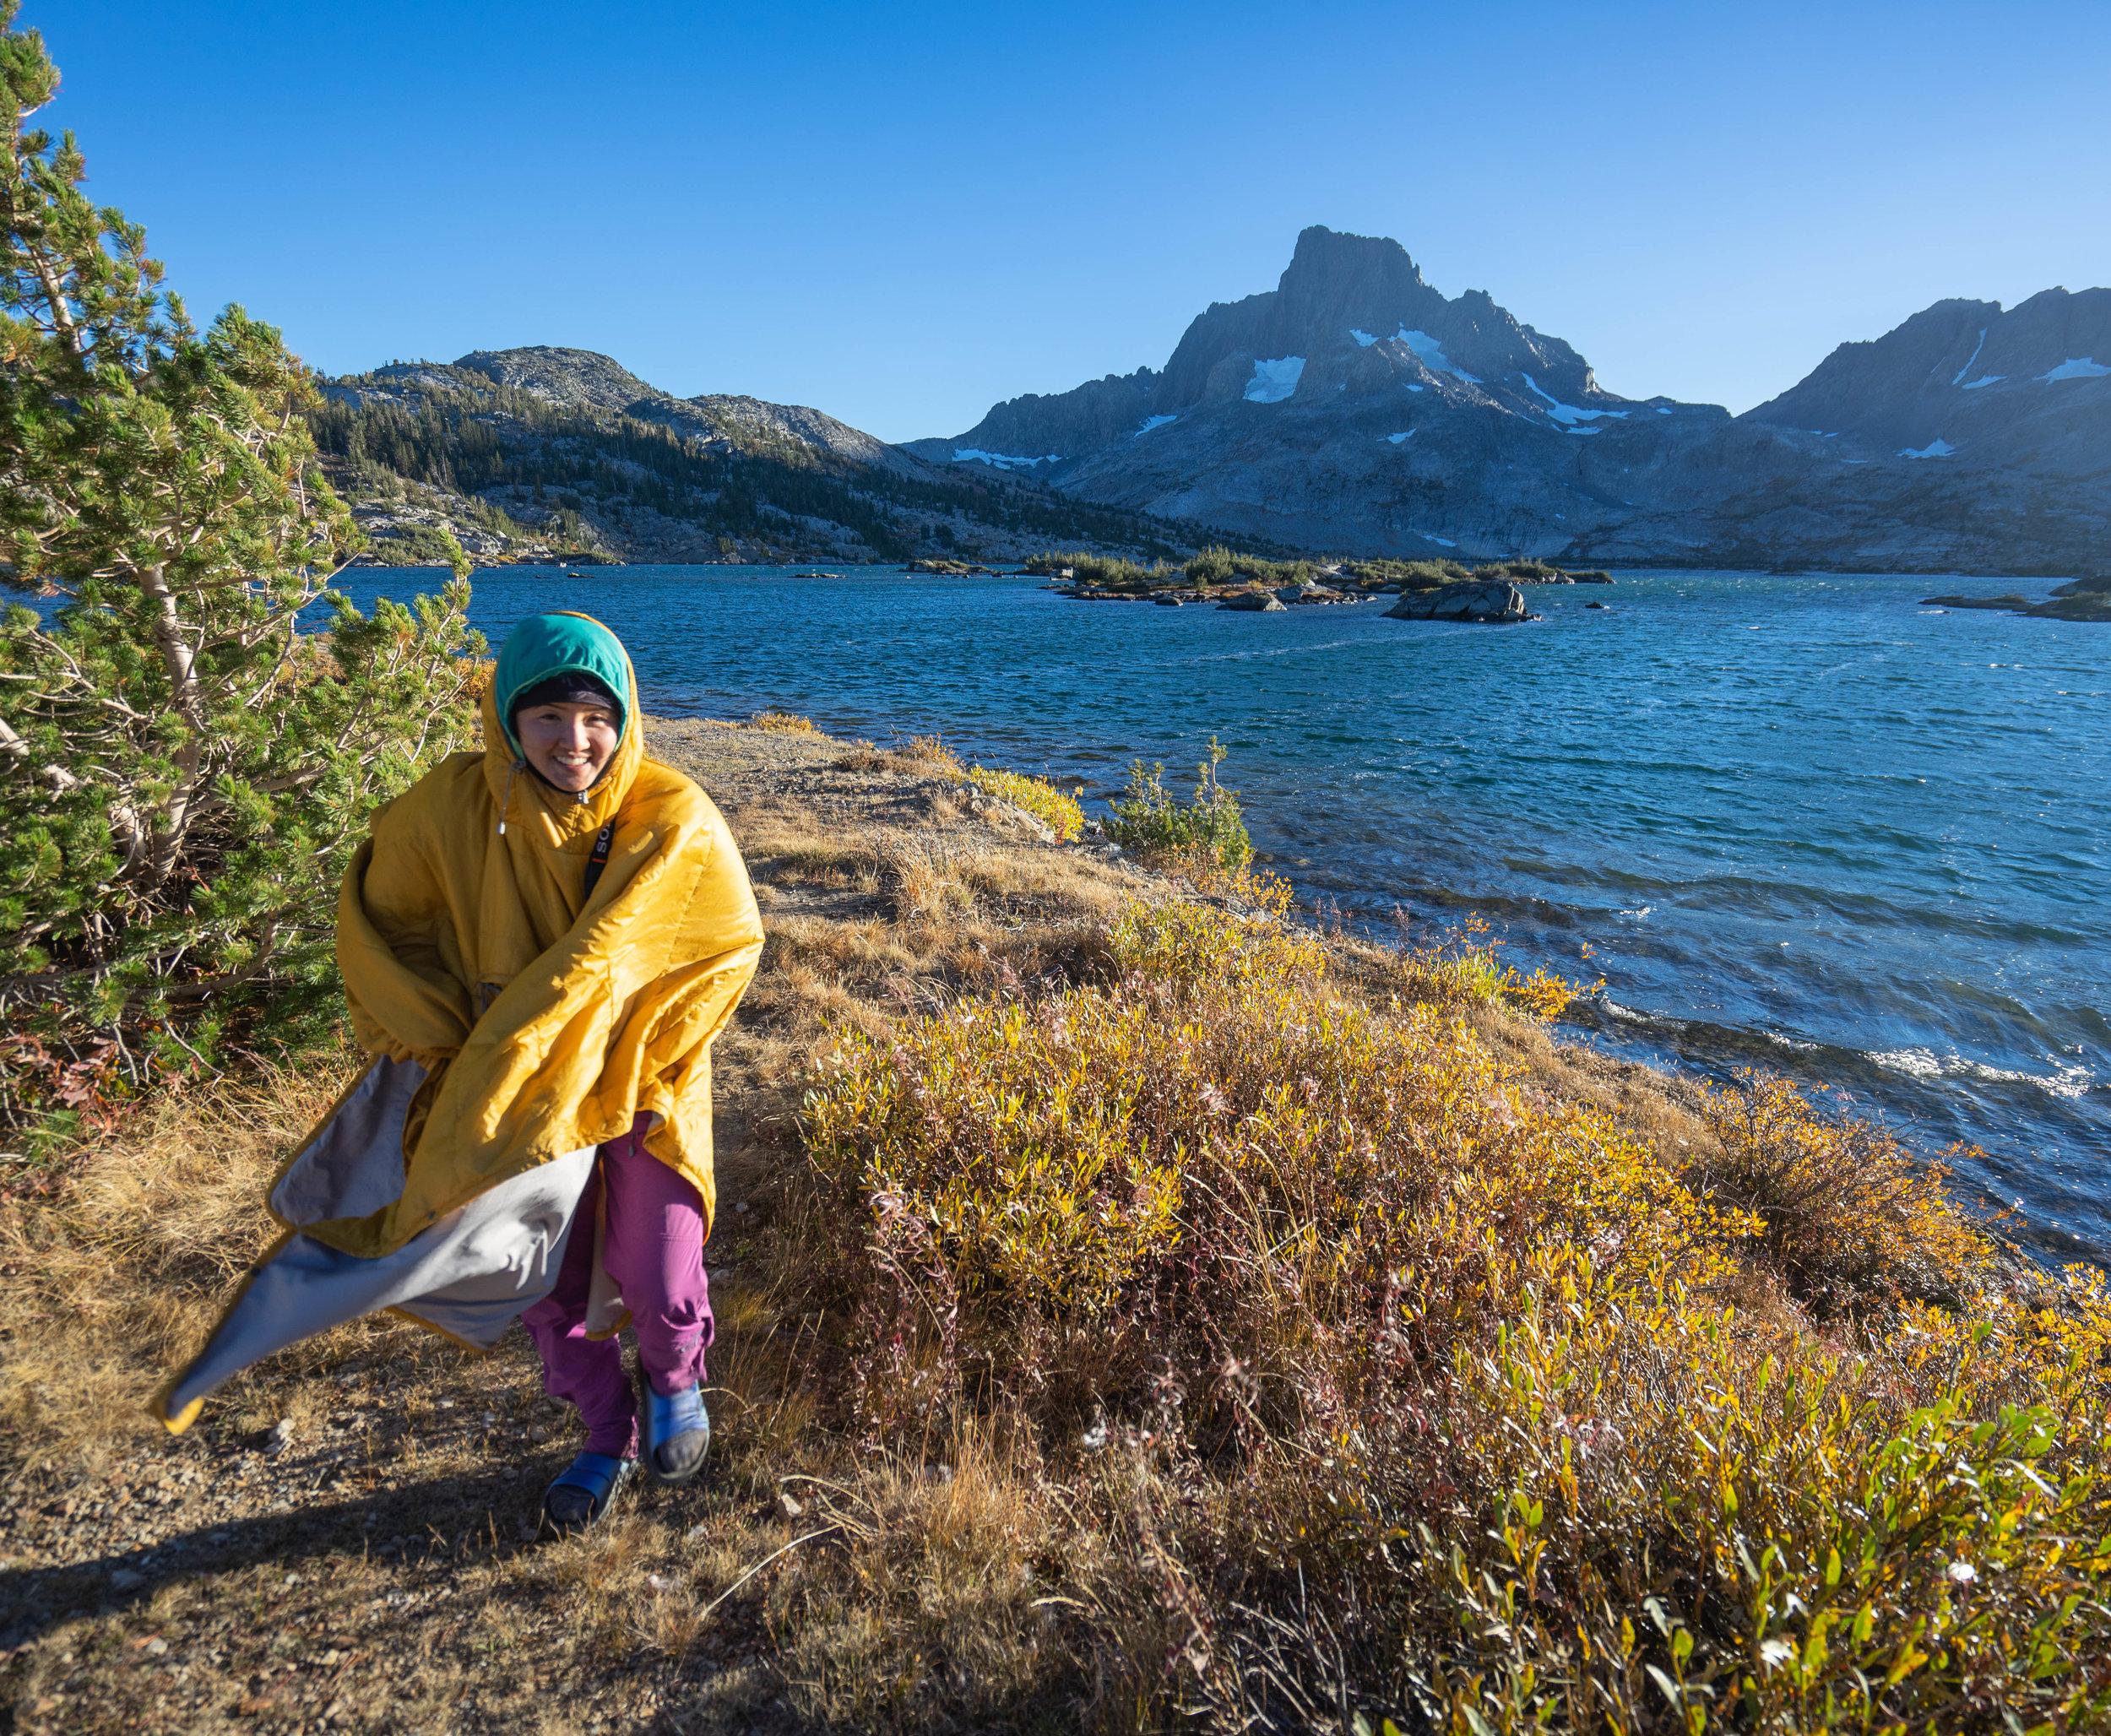 Paulina wandering around the lake in her Poncho